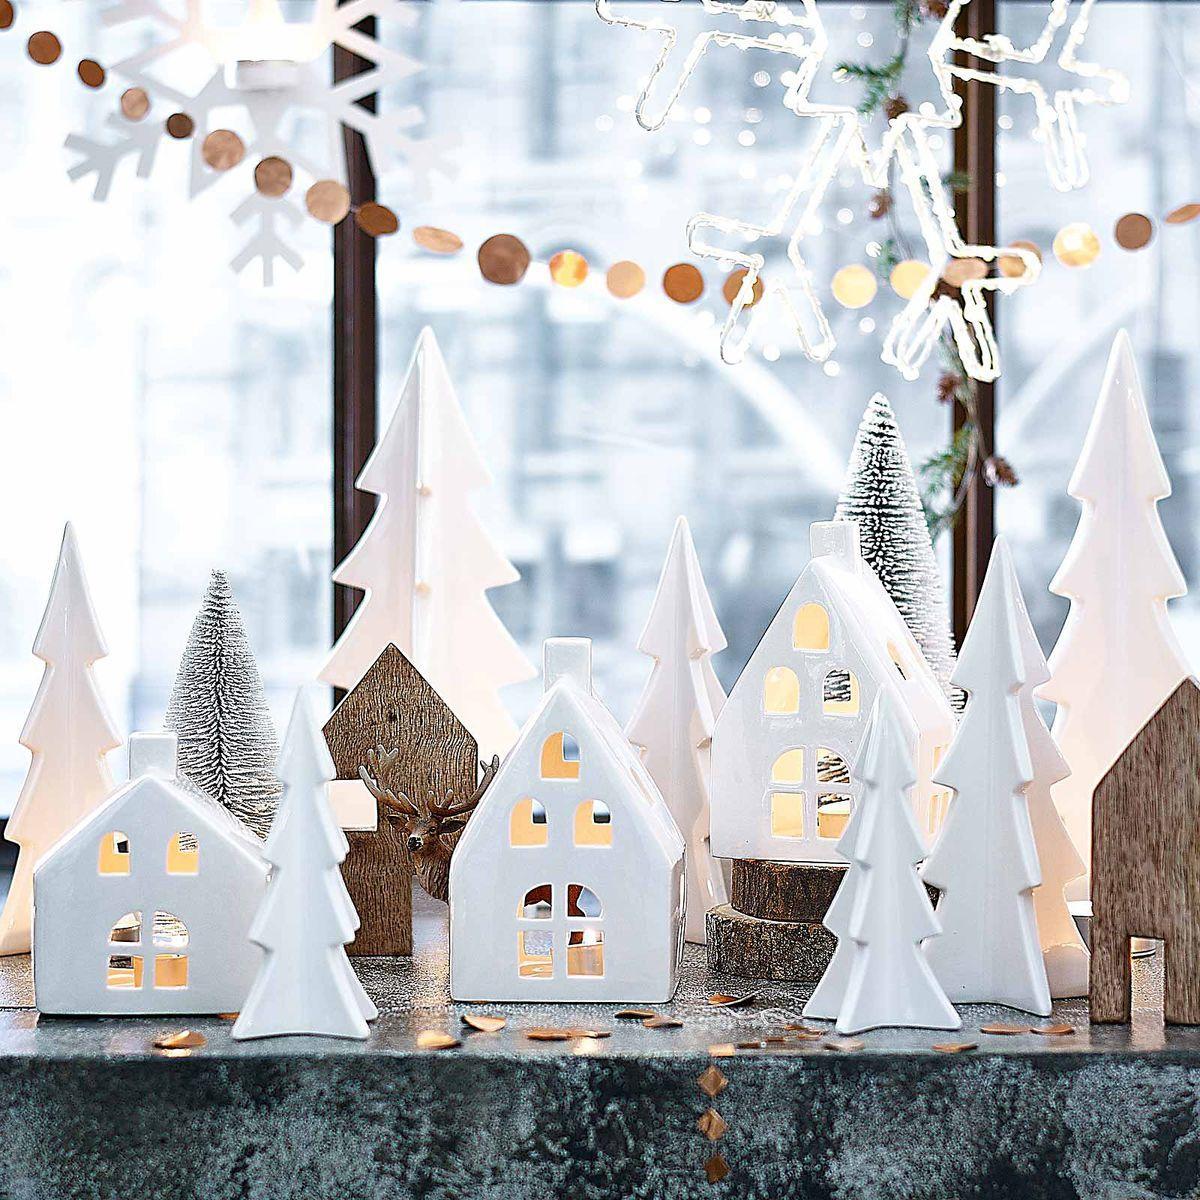 Dekoobjekt baum keramik wei ca d 7 5 x h 15 5 cm weihnachtsdeko pinterest teelichthalter - Weihnachtsdeko fensterbank ...